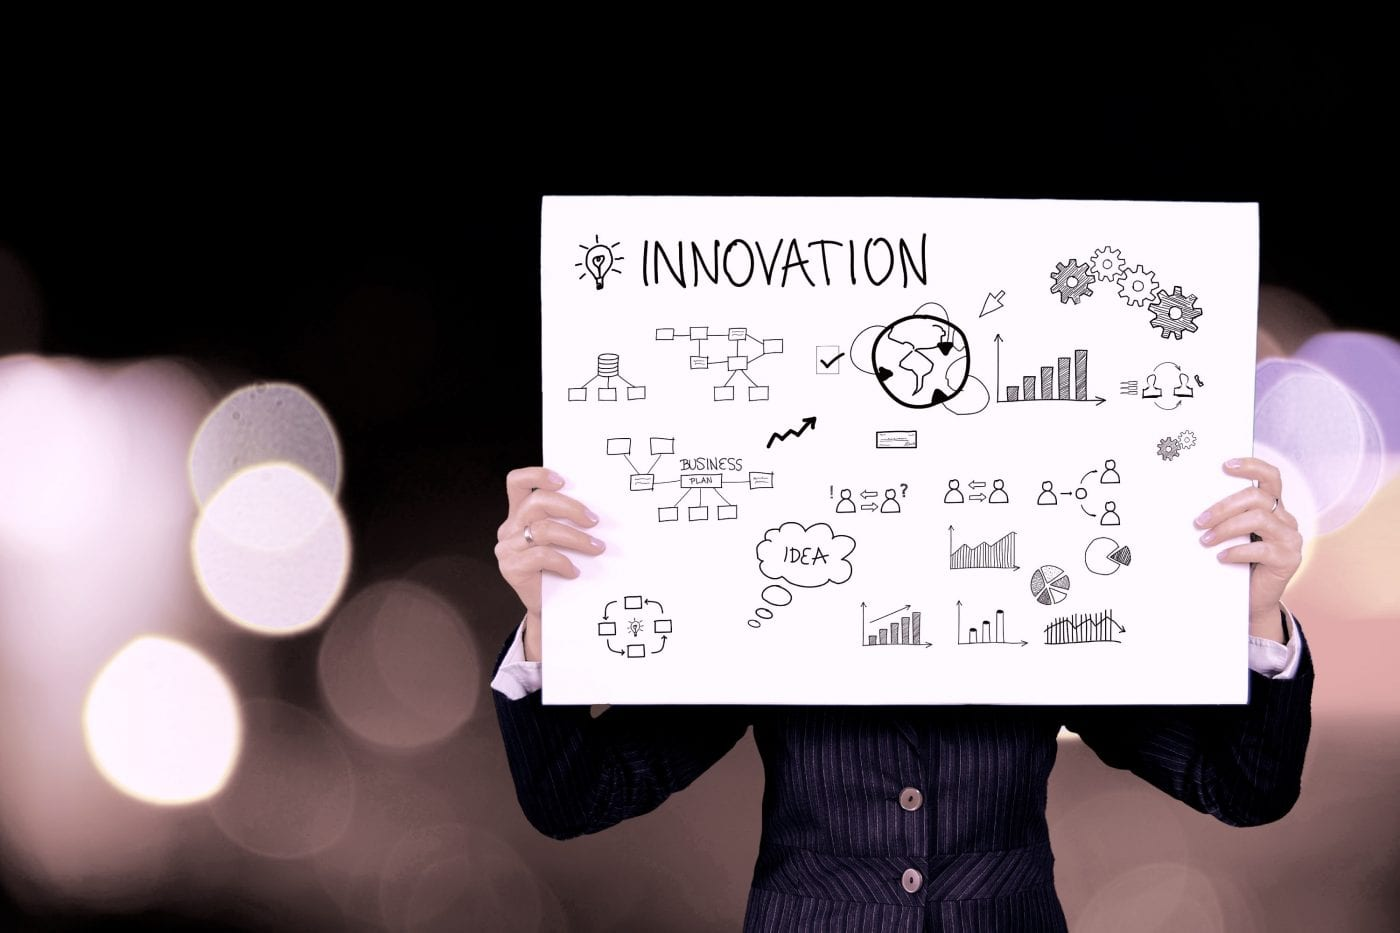 Diagrammes et mapping innovation sur un panneau porté par une personne